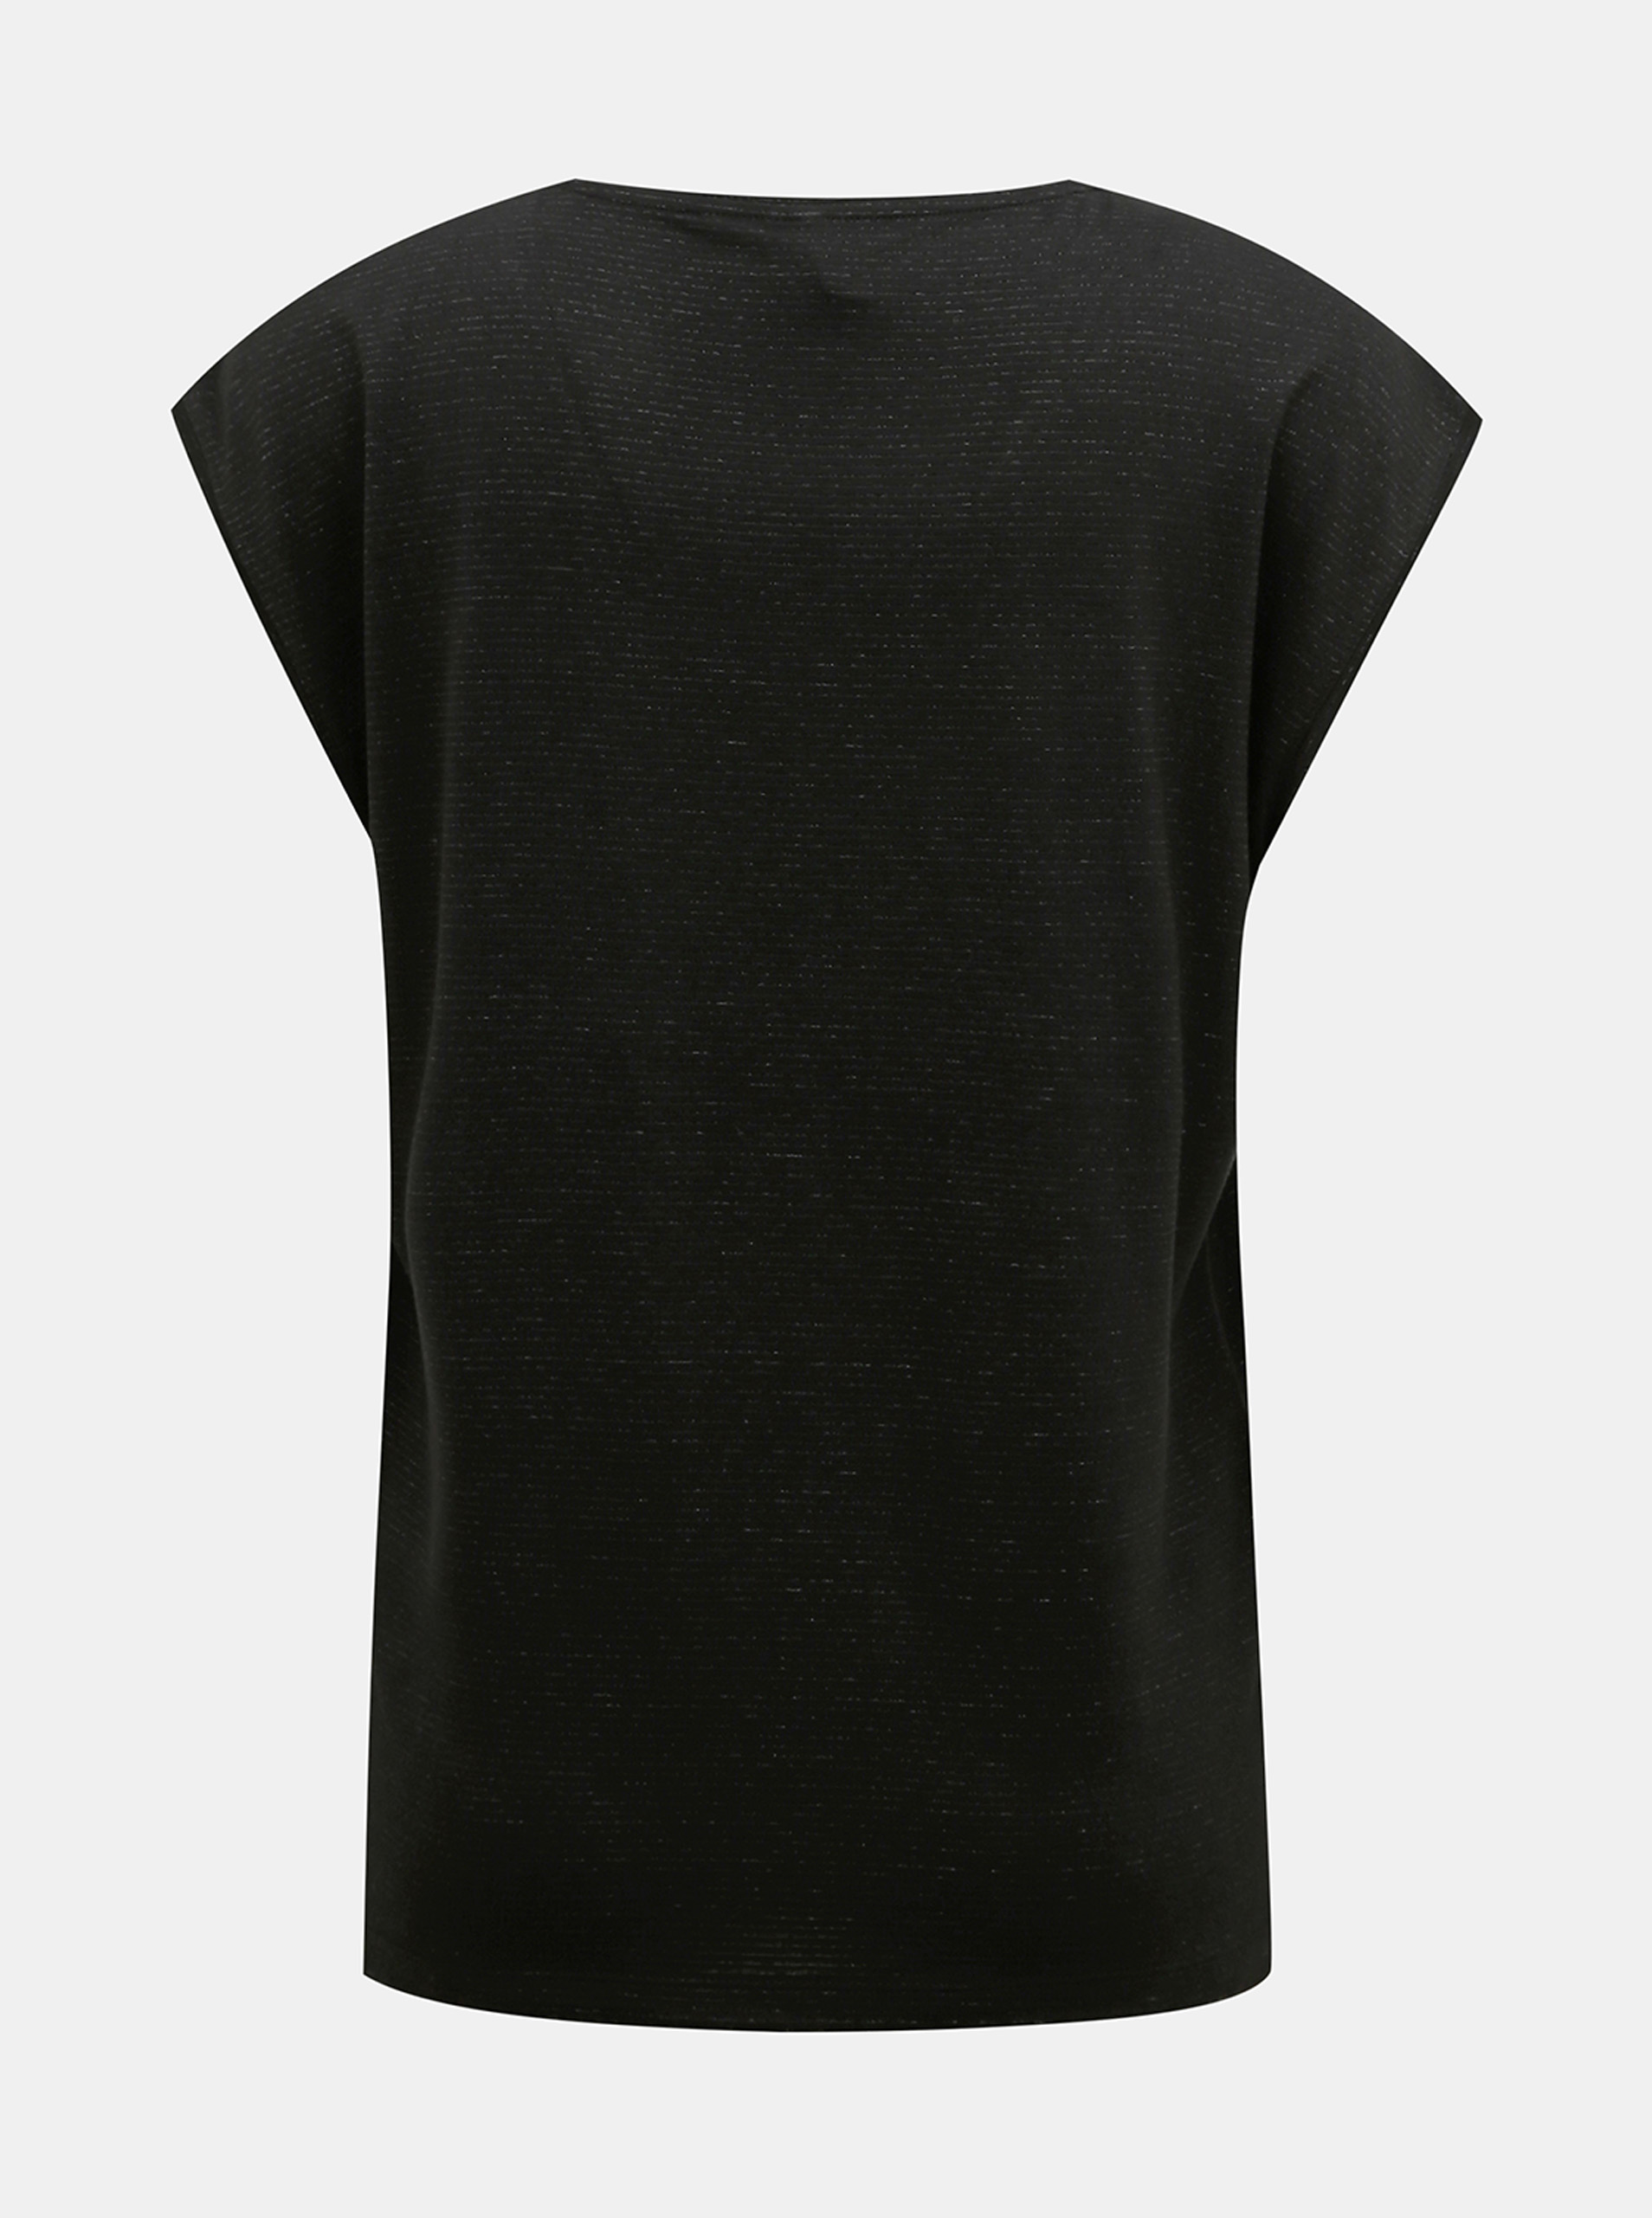 Černé tričko s metalickými vlákny Pieces